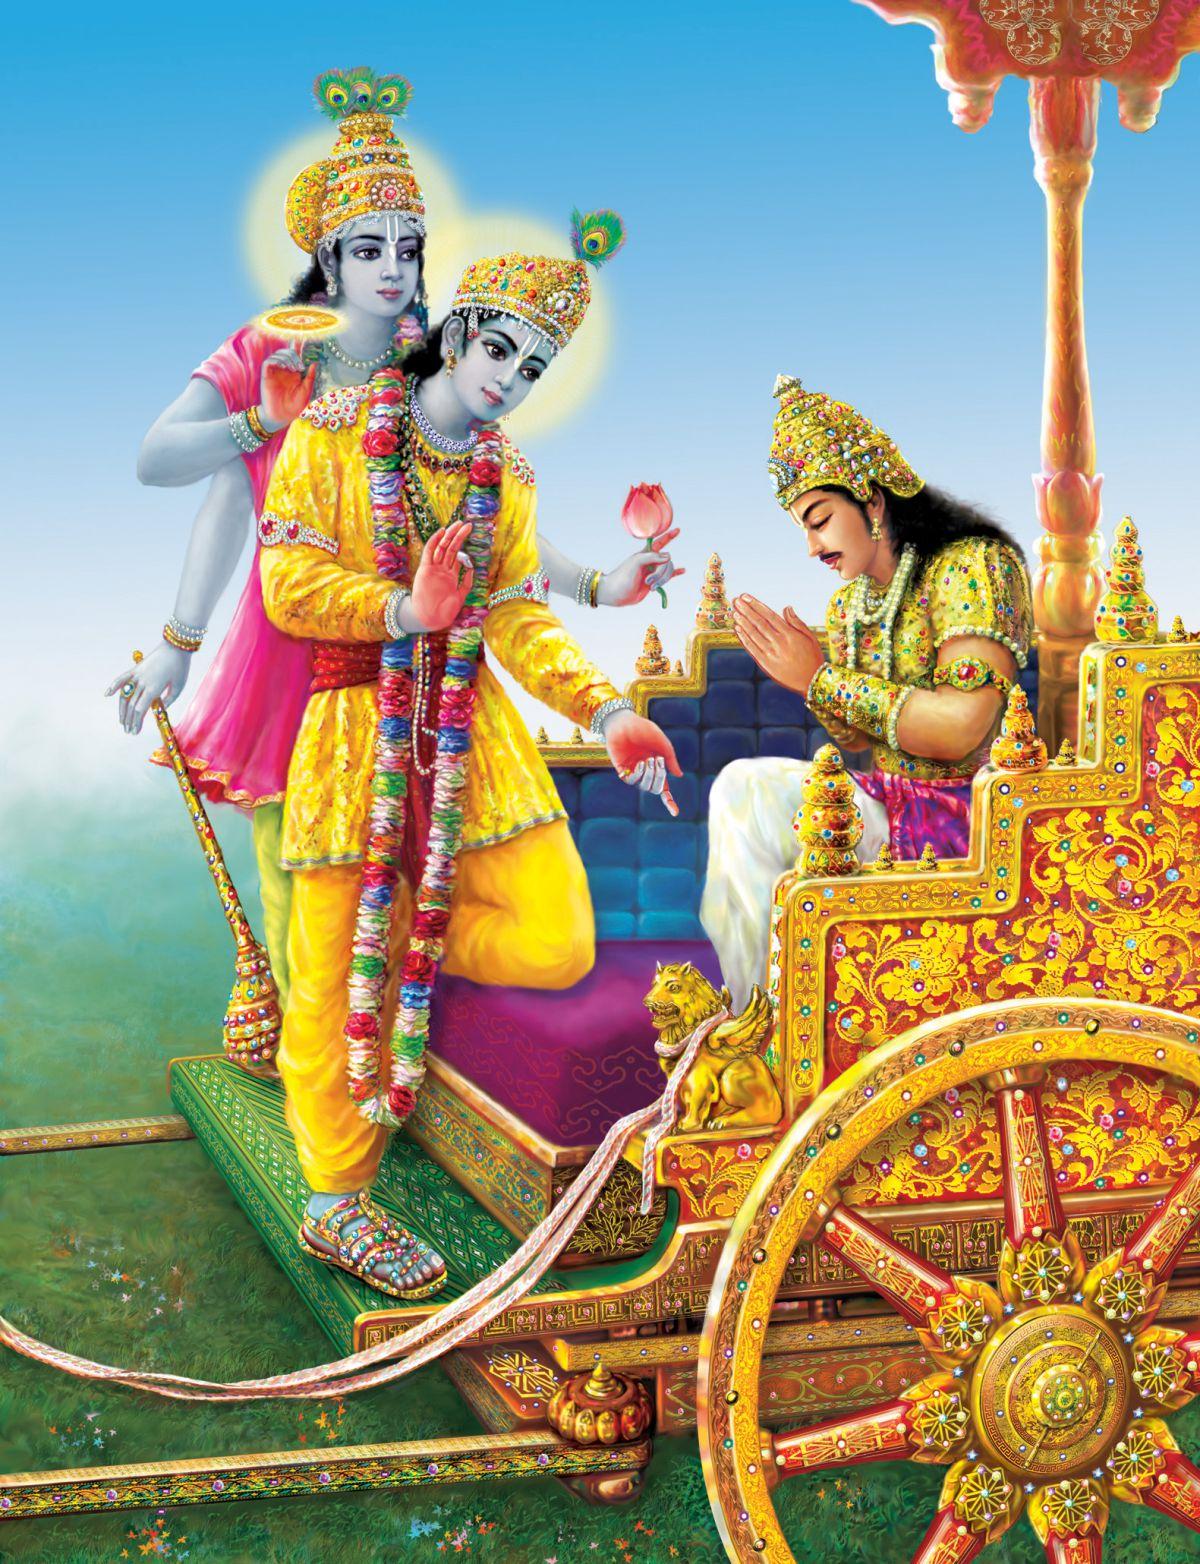 mensagem-de-fe-de-krishna-arjuna-bhagavad-gita-batalha-kurukshetra-india-hinduismo-hemogenes-nosso-blog-imagem.jpg